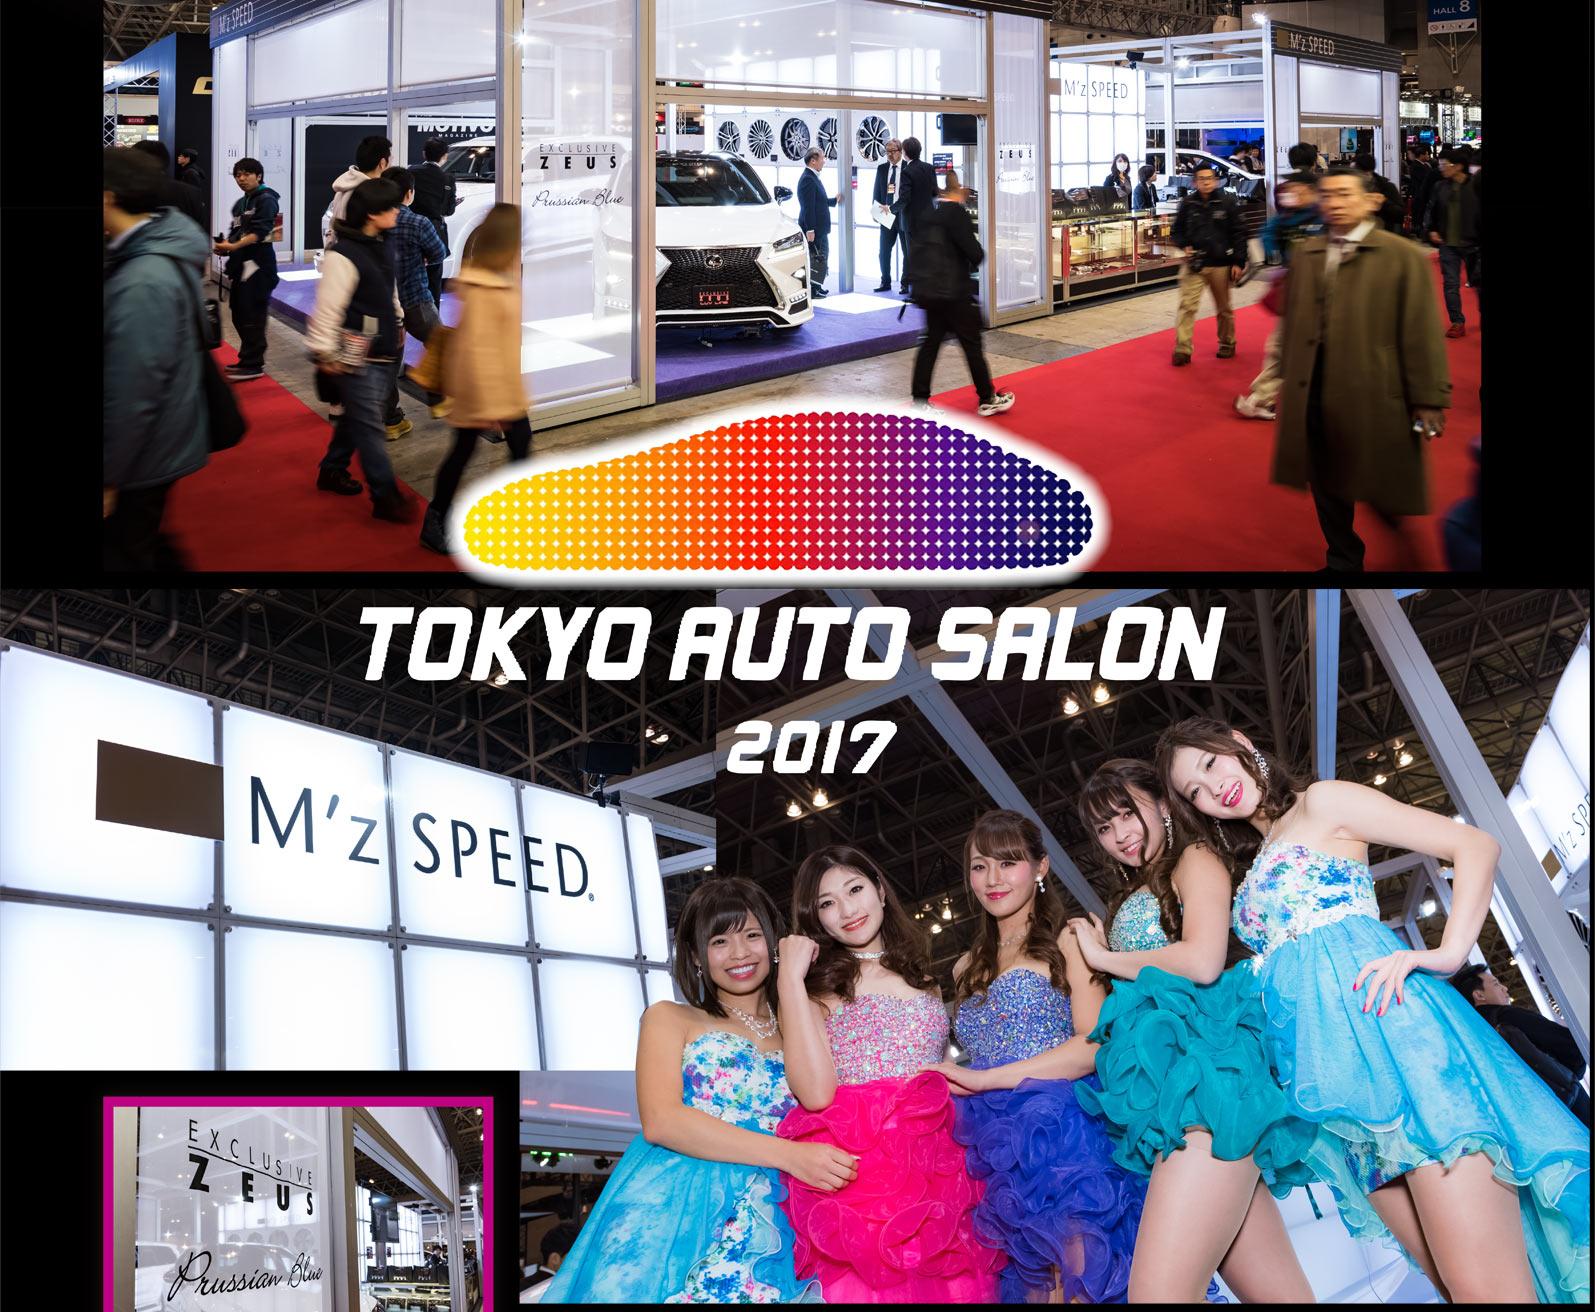 M 39 z speed event tokyo auto salon 2017 for Salon auto avignon 2017